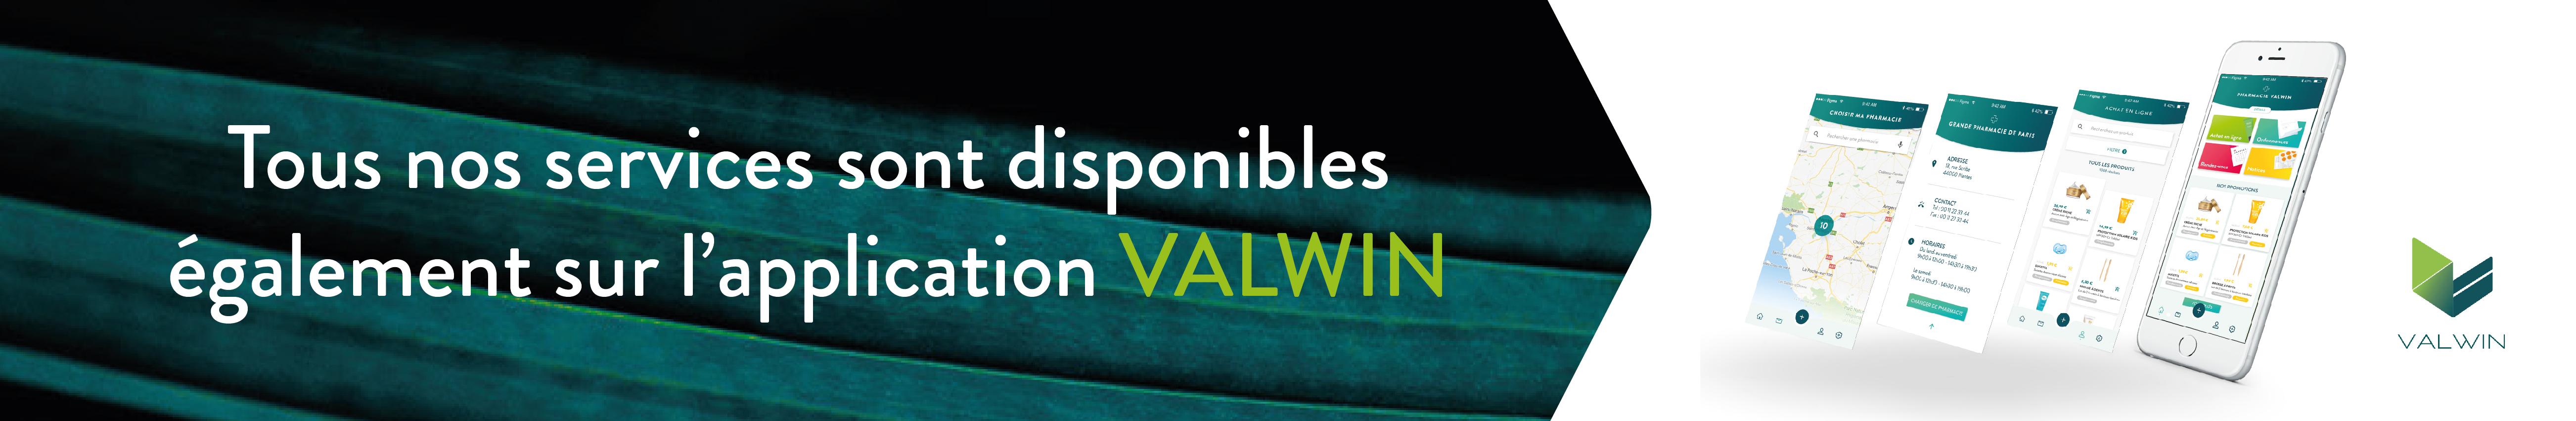 Valwin App